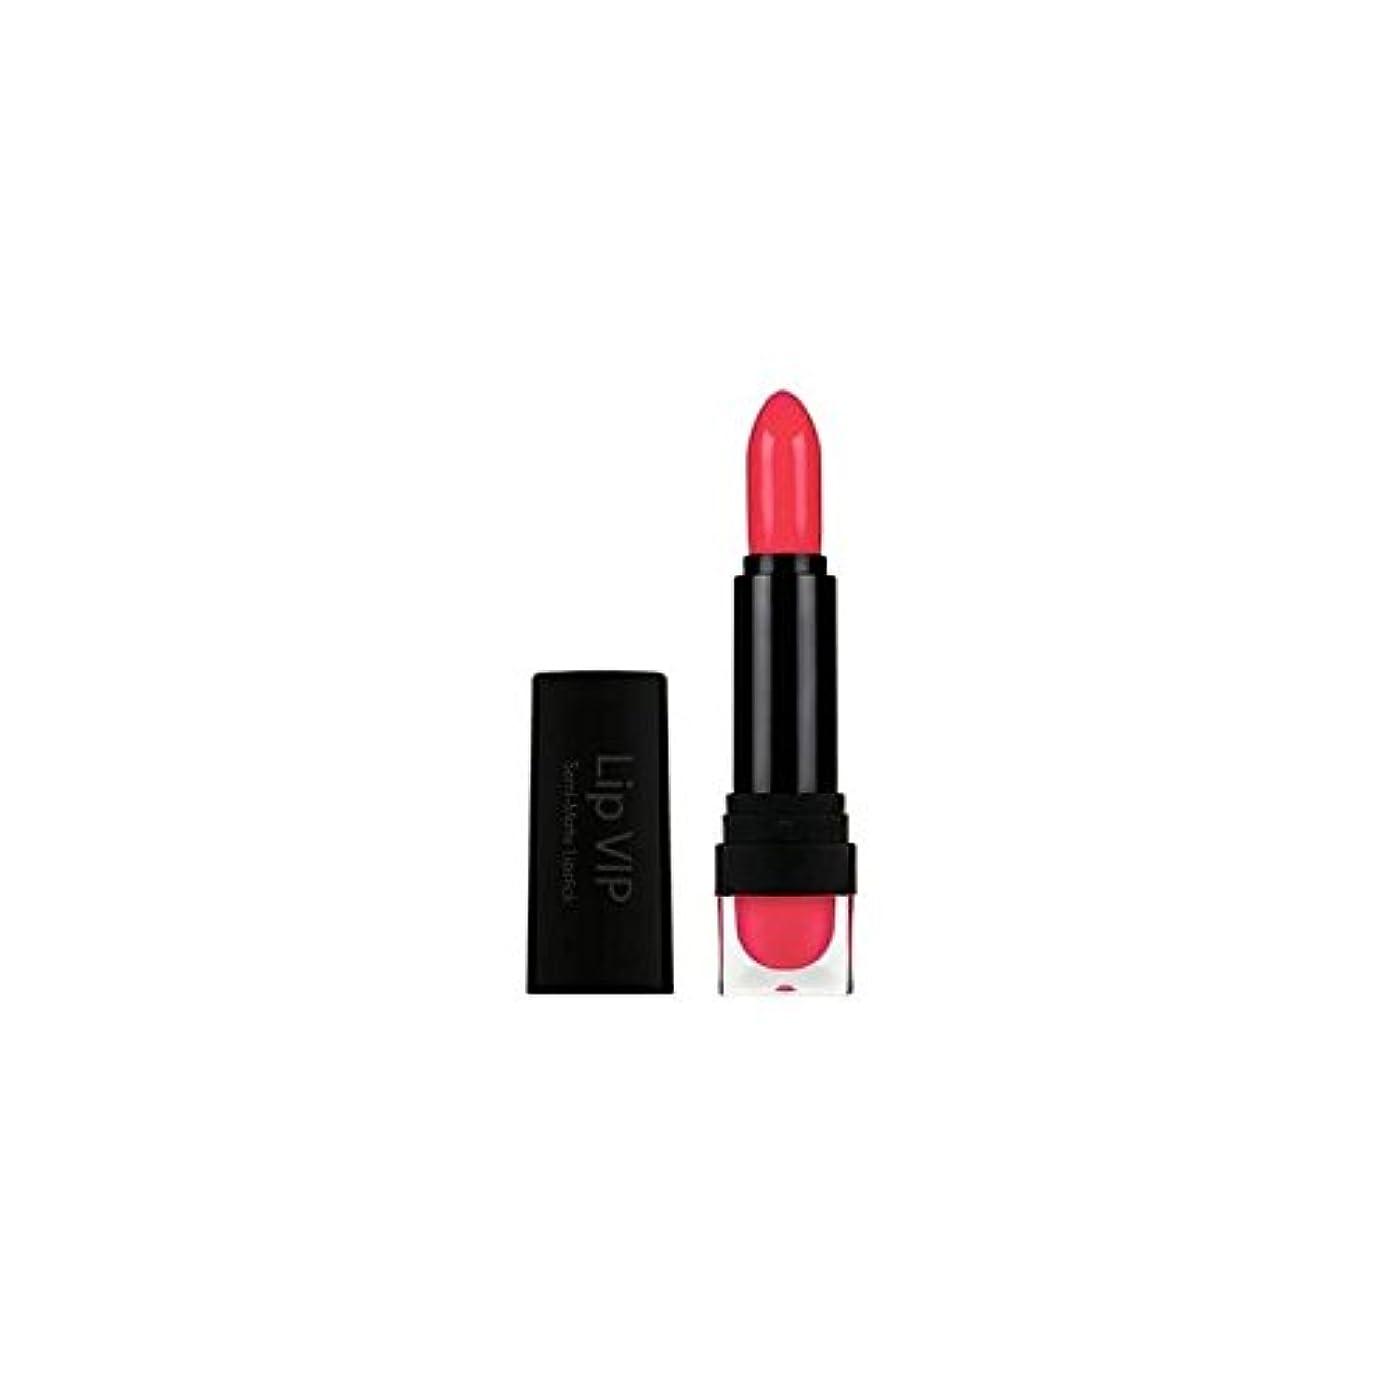 マークされた消費者申し込むホット ..なめらかな気まぐれなコレクションリップ x2 - Sleek Whimsical Collection Lip V.I.P Hot Tottie (Pack of 2) [並行輸入品]